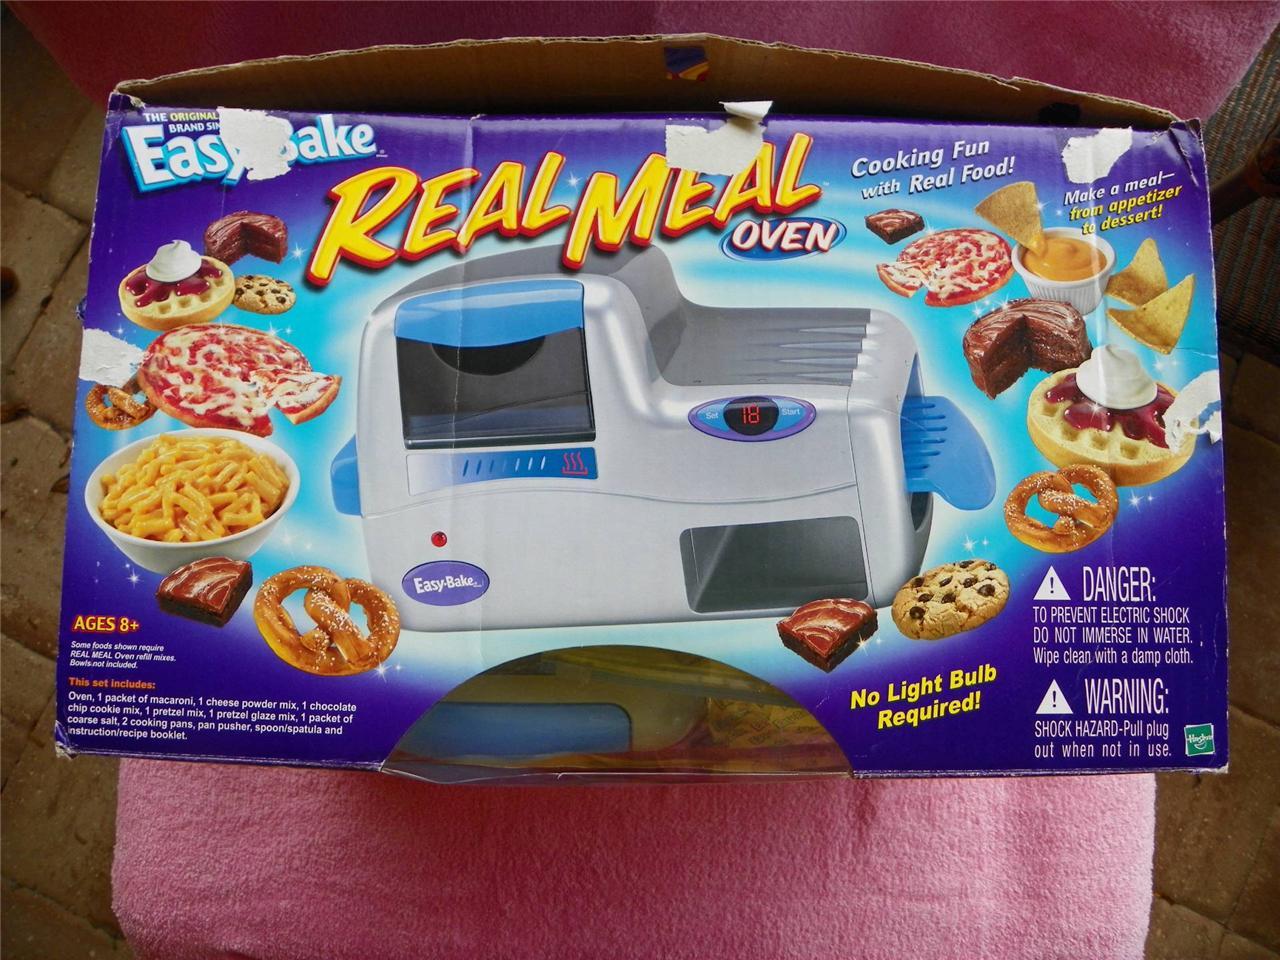 Nuevo caja original easy bake oven comida real de hasbro 2003 nunca nuevo caja original easy bake oven comida real forumfinder Images